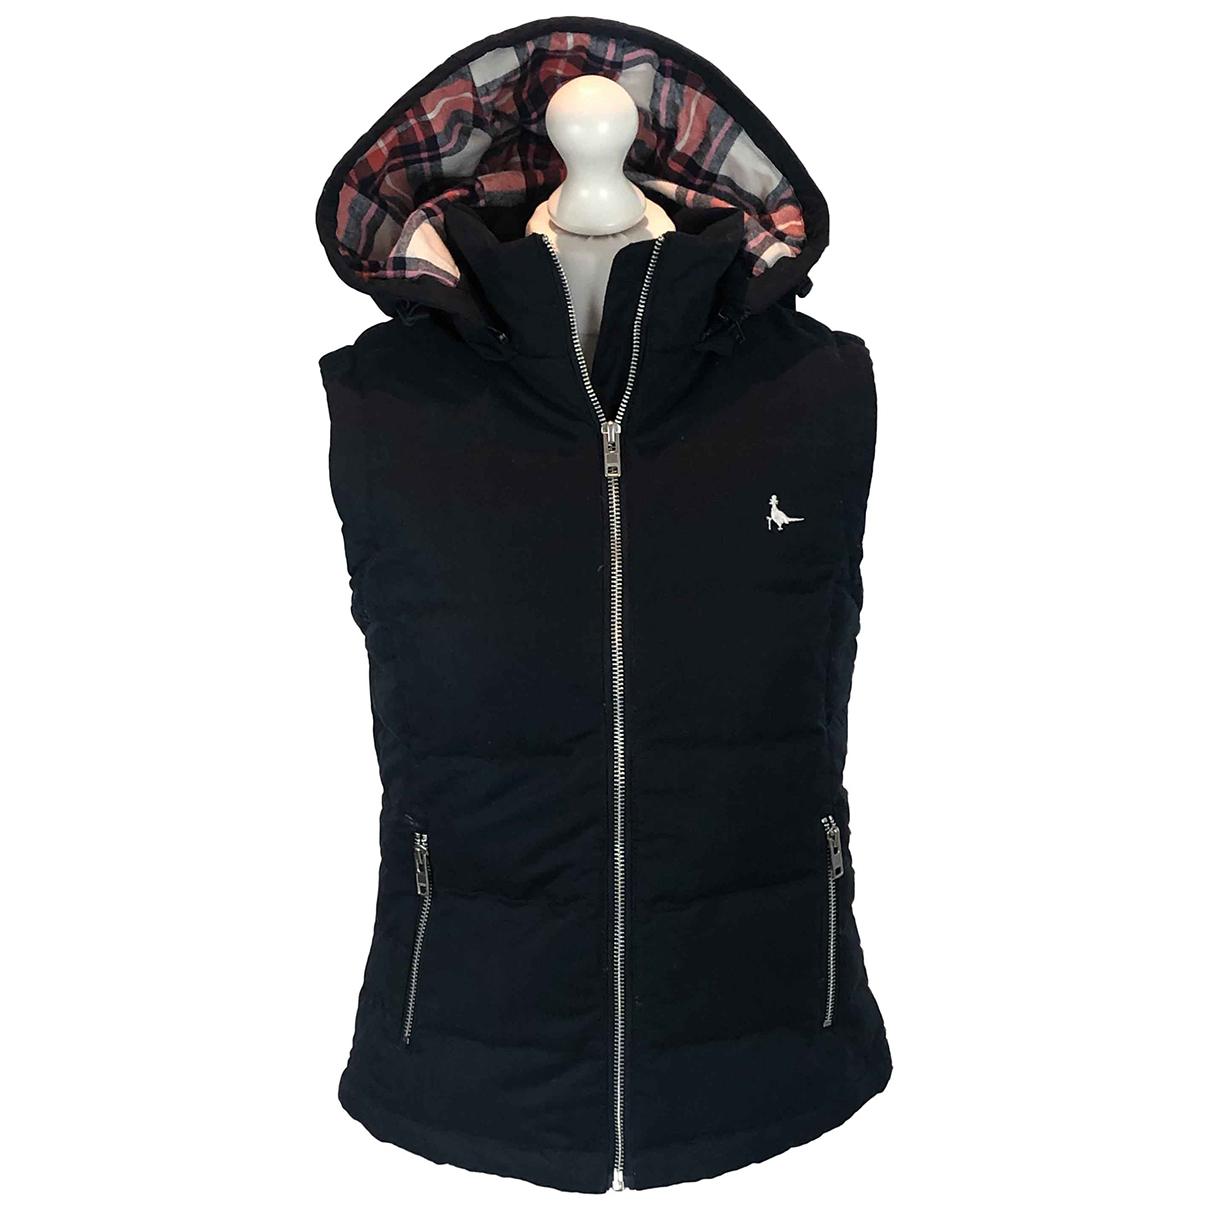 Jack Wills N Navy jacket for Women 8 UK